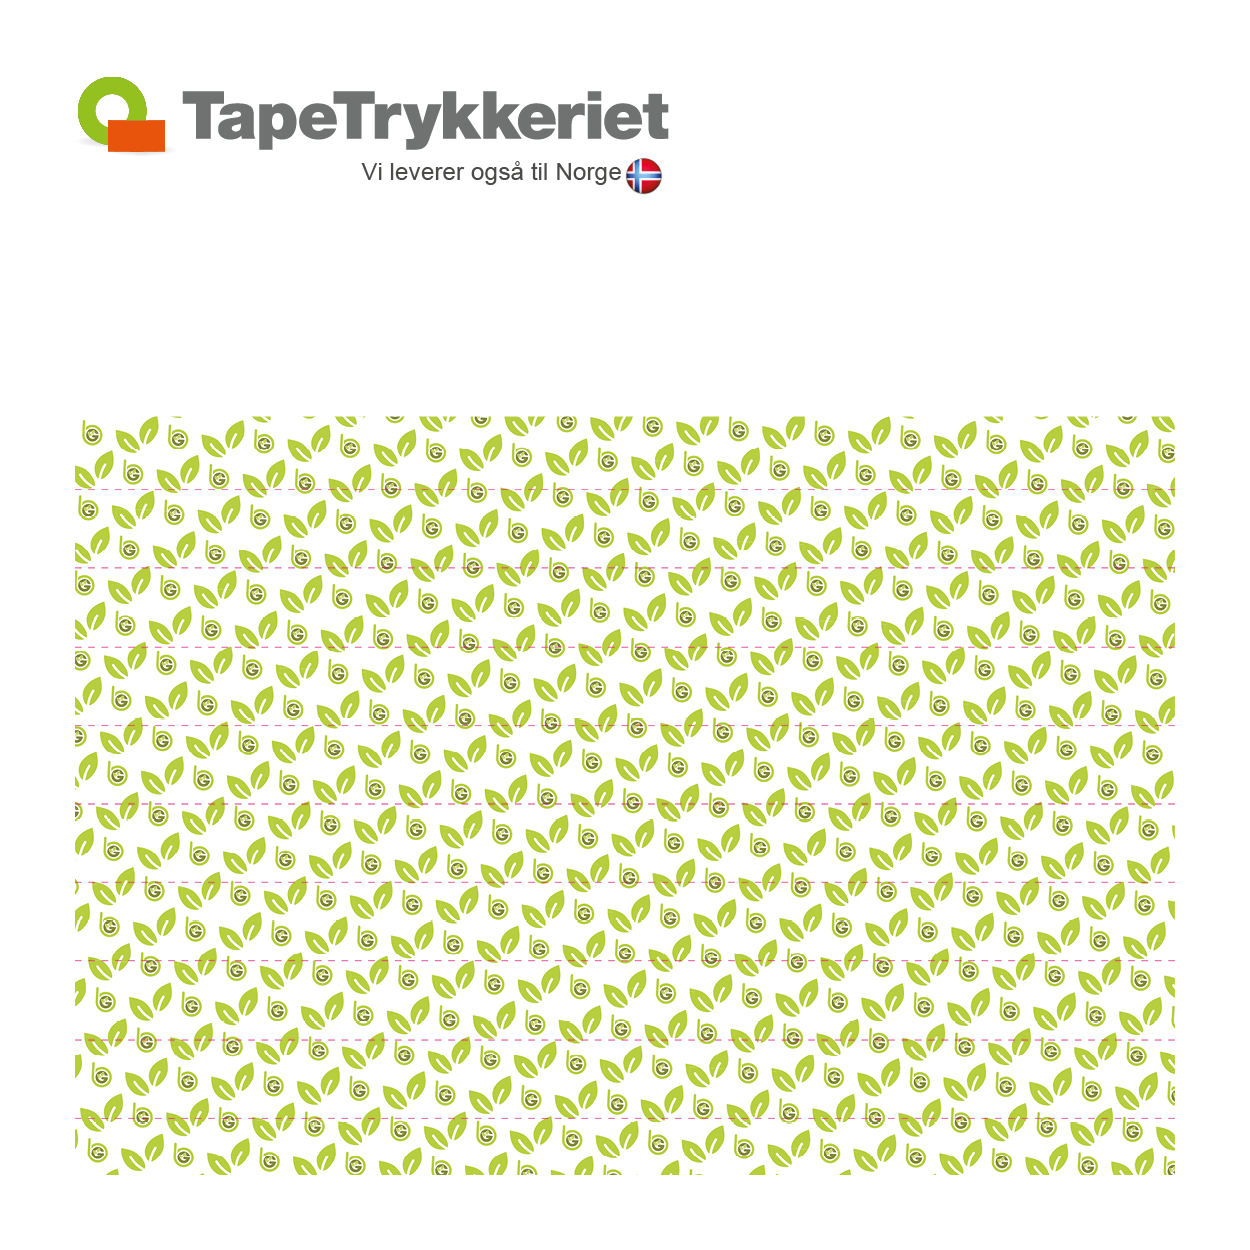 Tapettryk på tape og afspærringsbånd. Tapetrykkeriet.dk